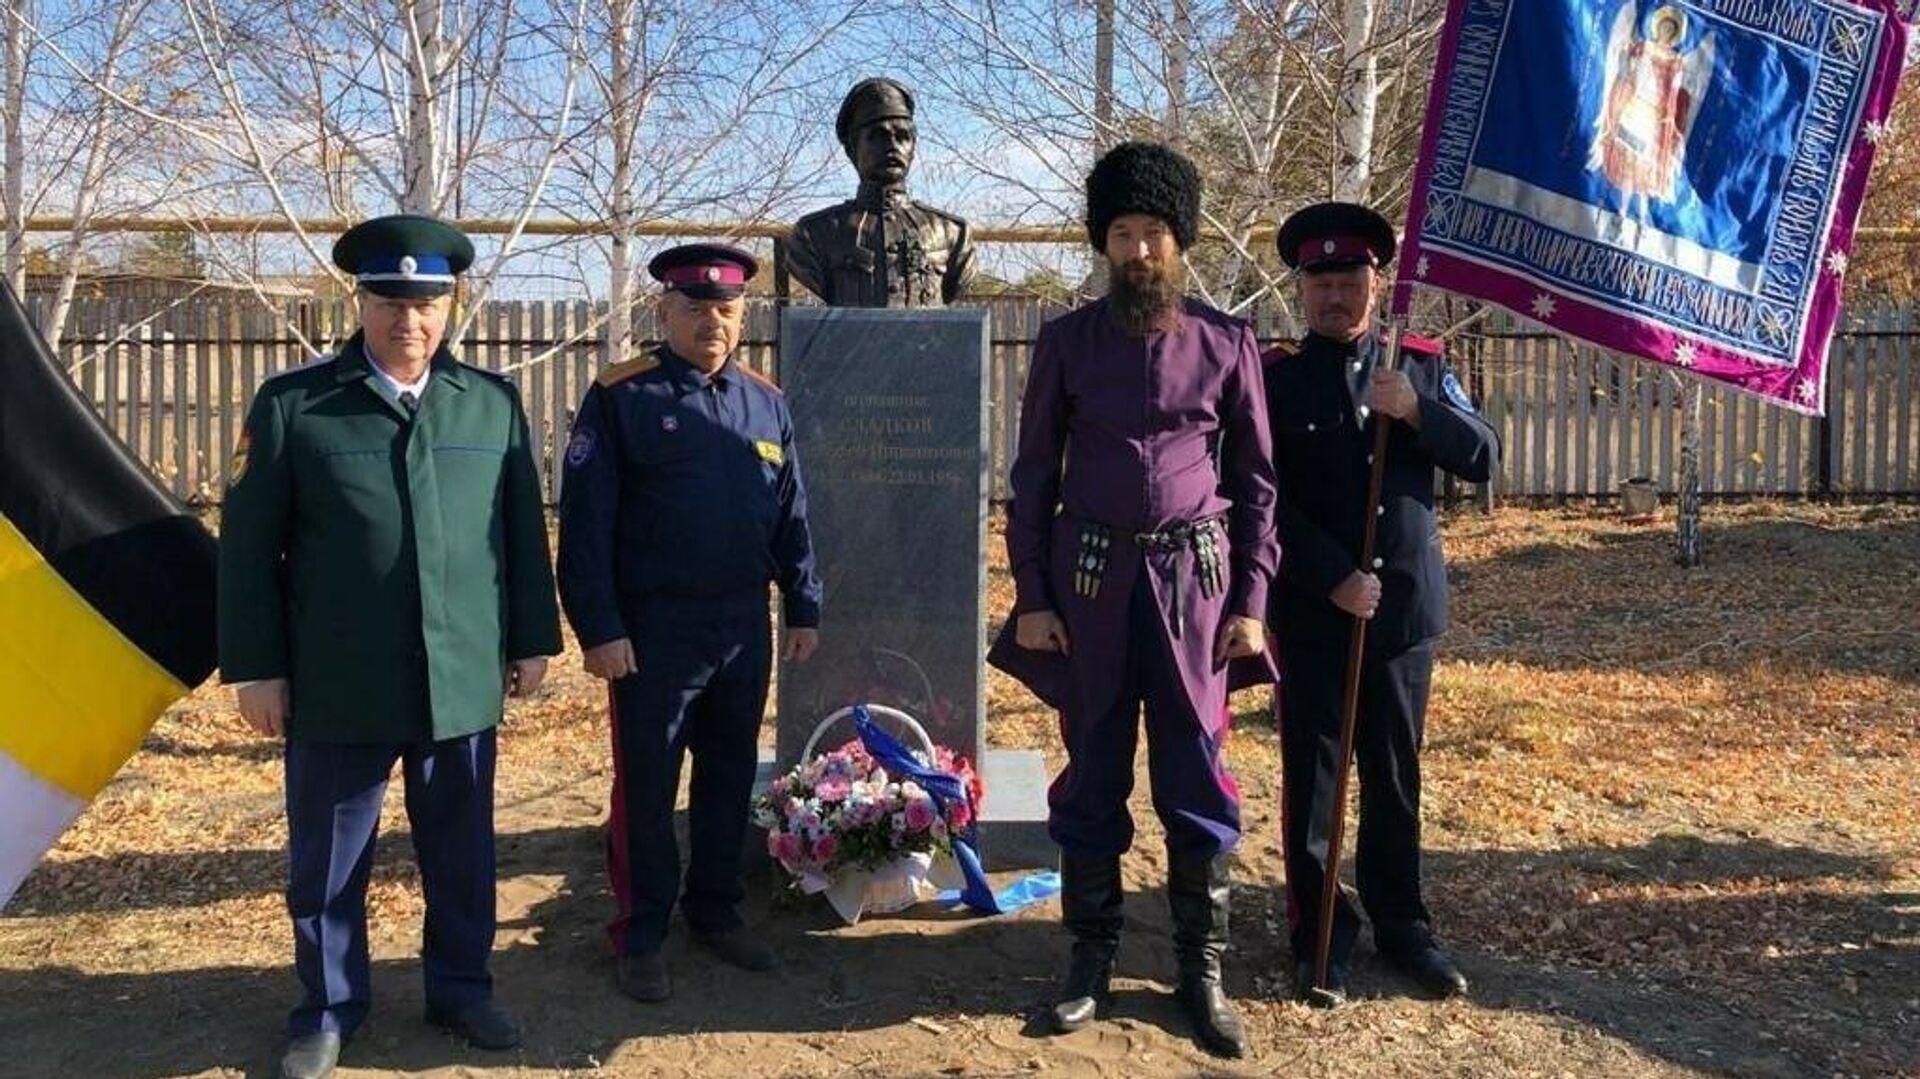 Под Оренбургом на улице Чапаева установили памятник, победившему Чапаева, казачьему полковнику Тимофею Сладкову - РИА Новости, 1920, 21.10.2020